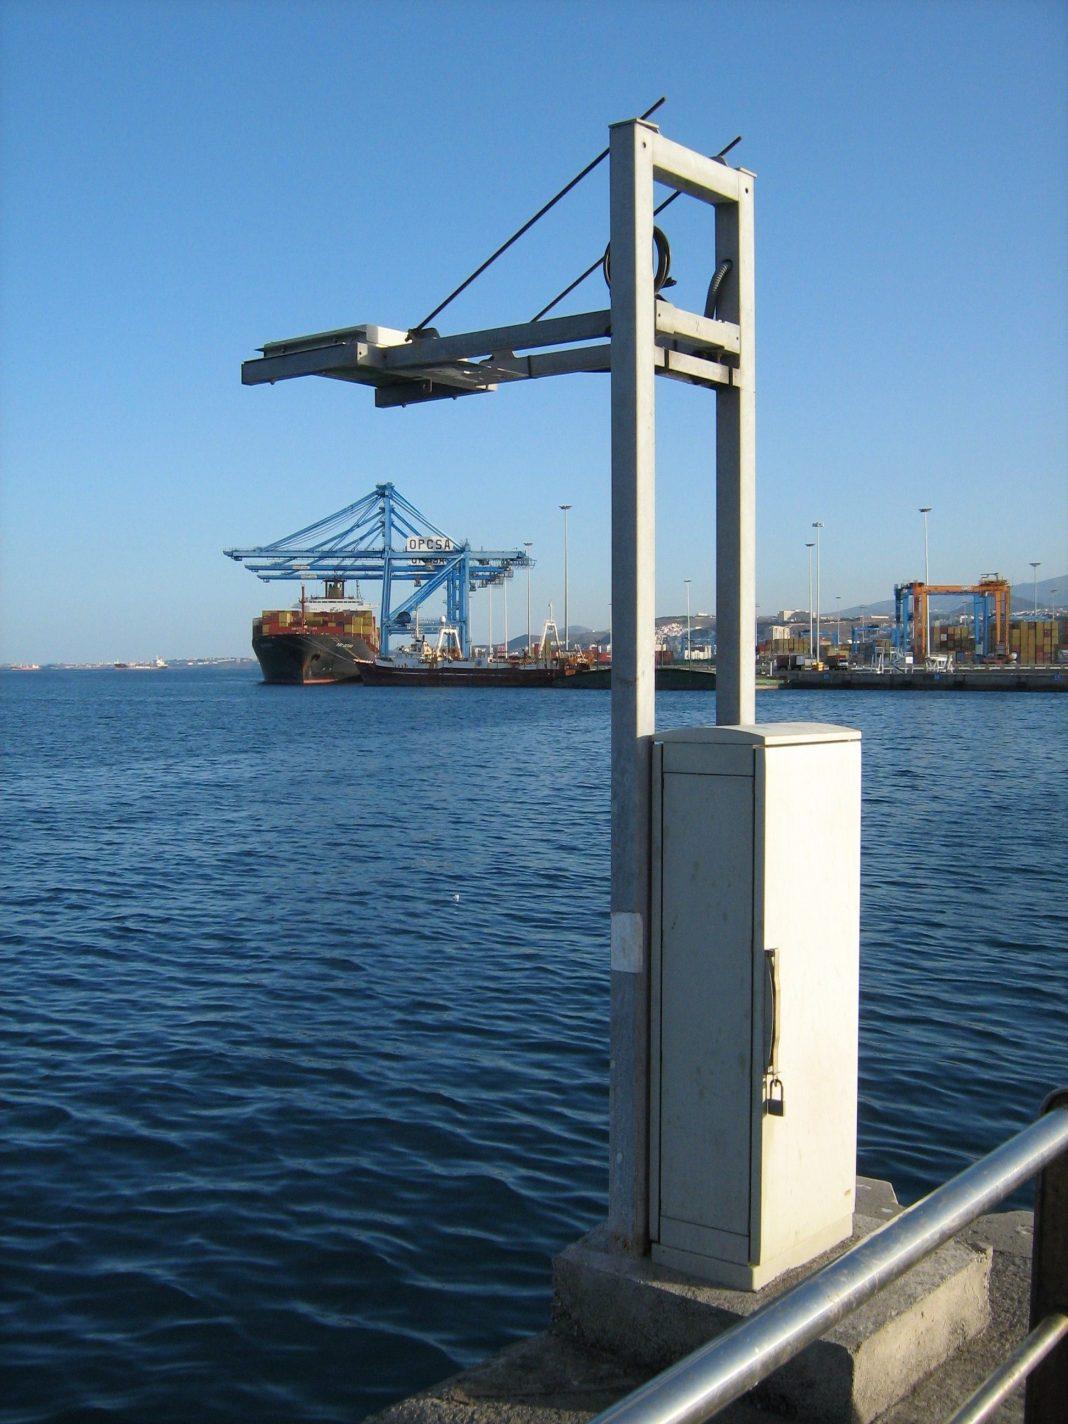 previsiones sobre el estado del mar puerto de las palmas min